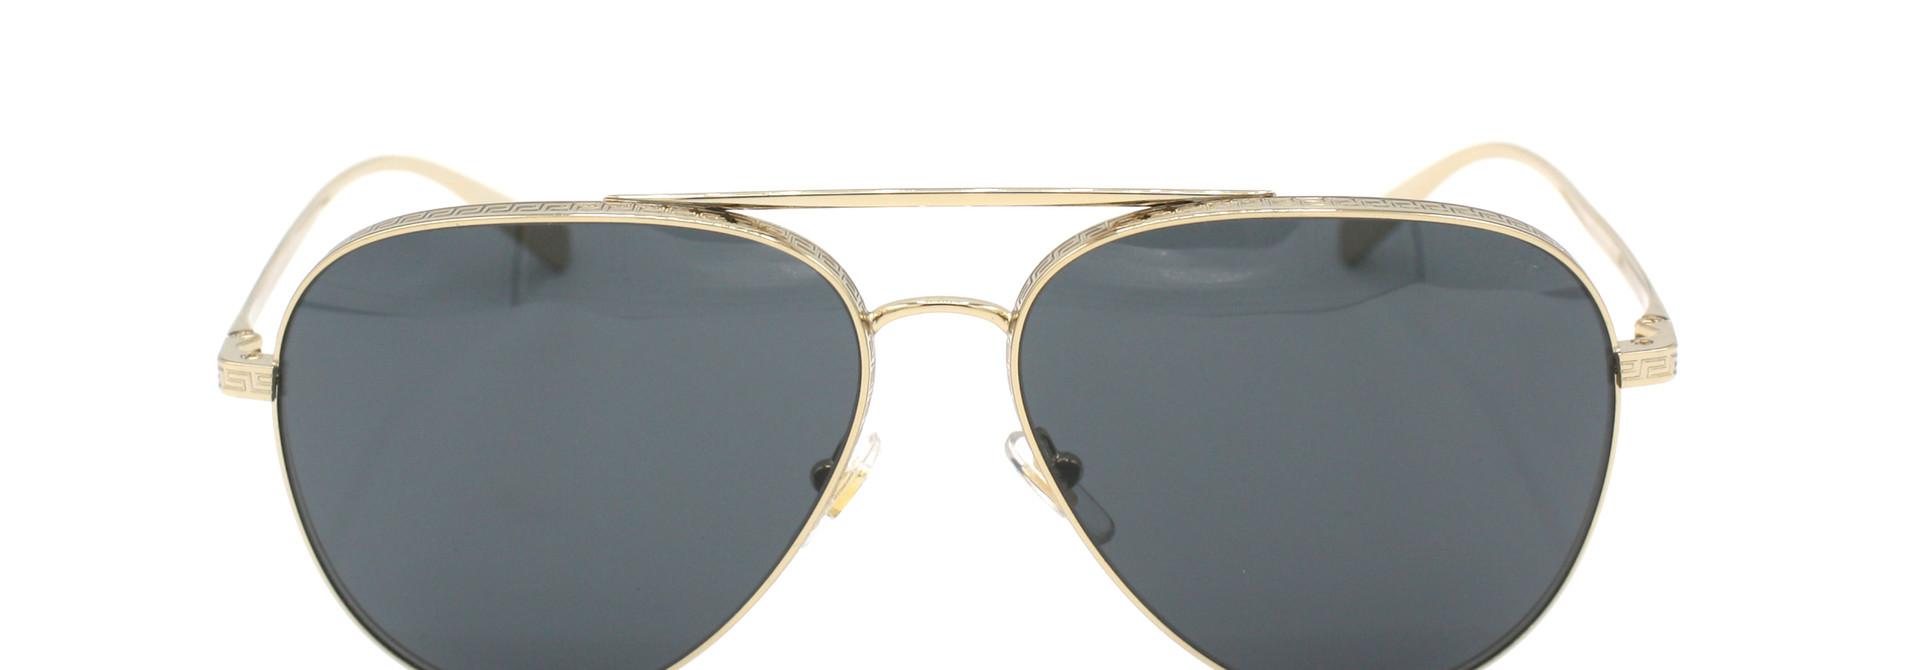 Versace - VE2217 - 10028759